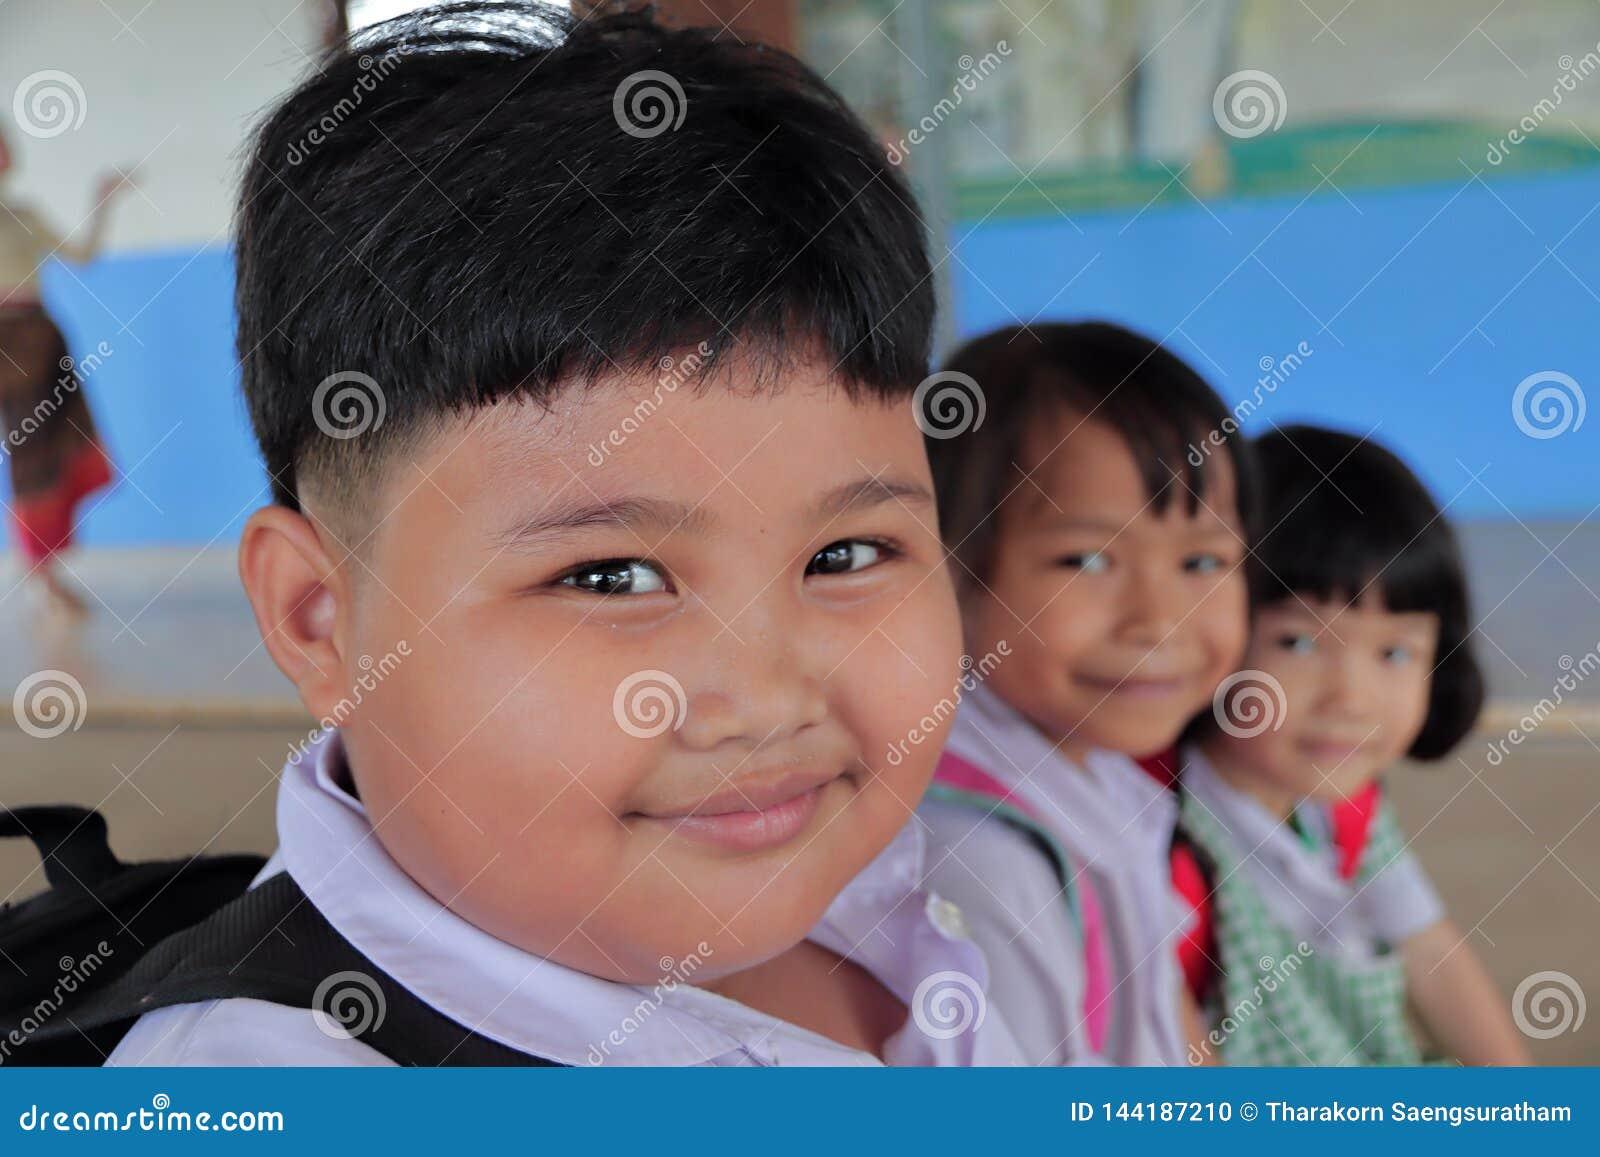 Καλά παχιά κορίτσια στην αγροτική περιοχή που φορούν τη σχολική στολή, σχολική τσάντα Καθίστε στην ξύλινη καρέκλα και το χαμόγελο